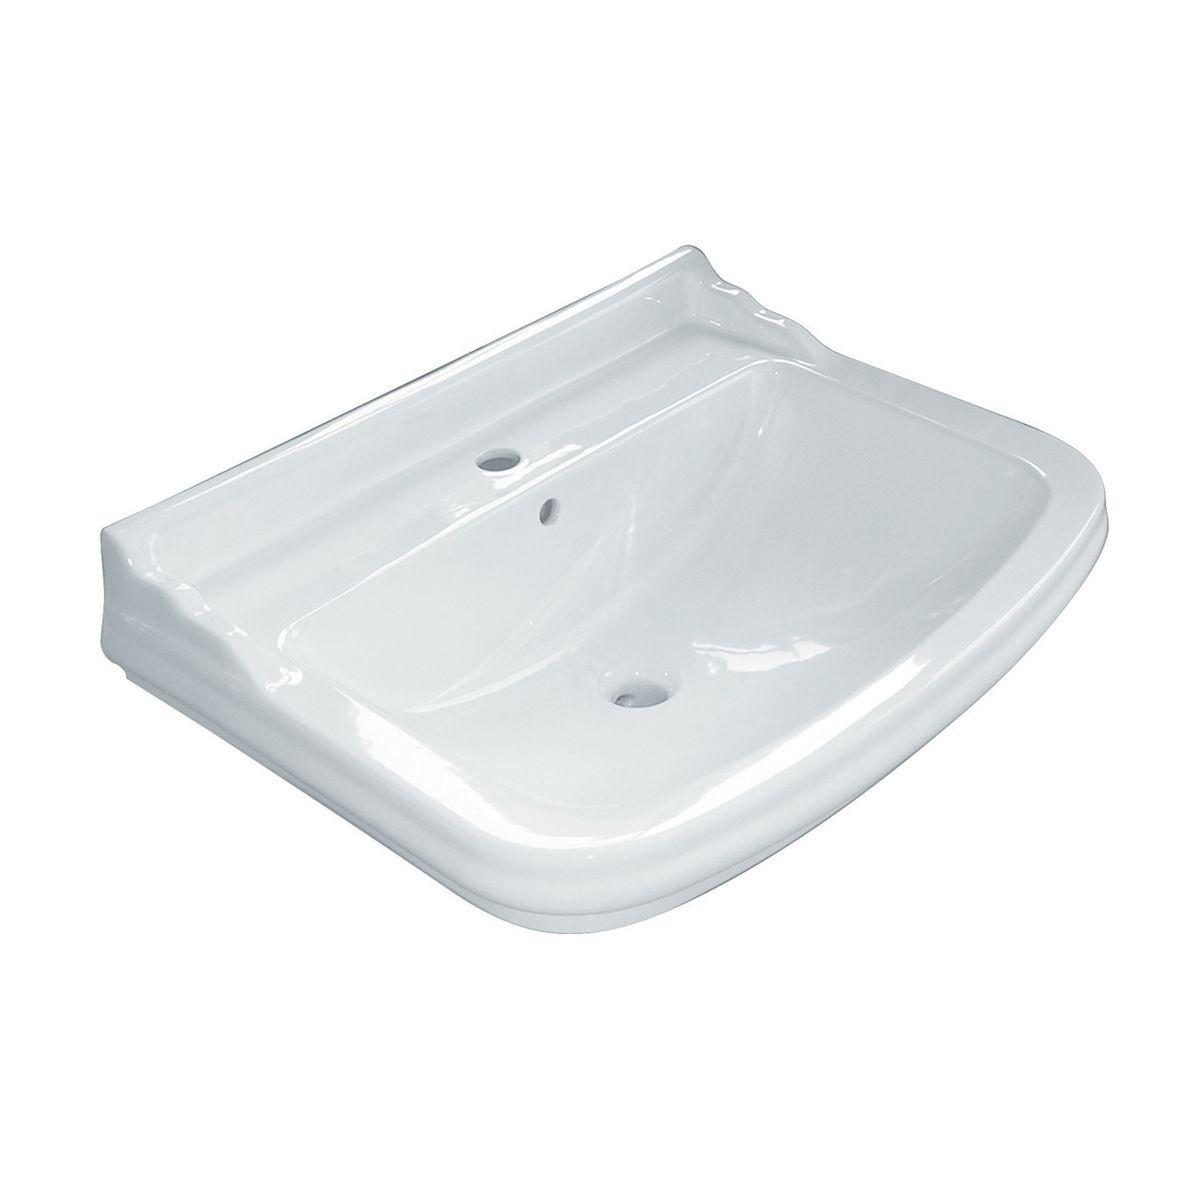 Lavabi bagno: prezzi e offerte lavabi sospesi, a terra, colonne